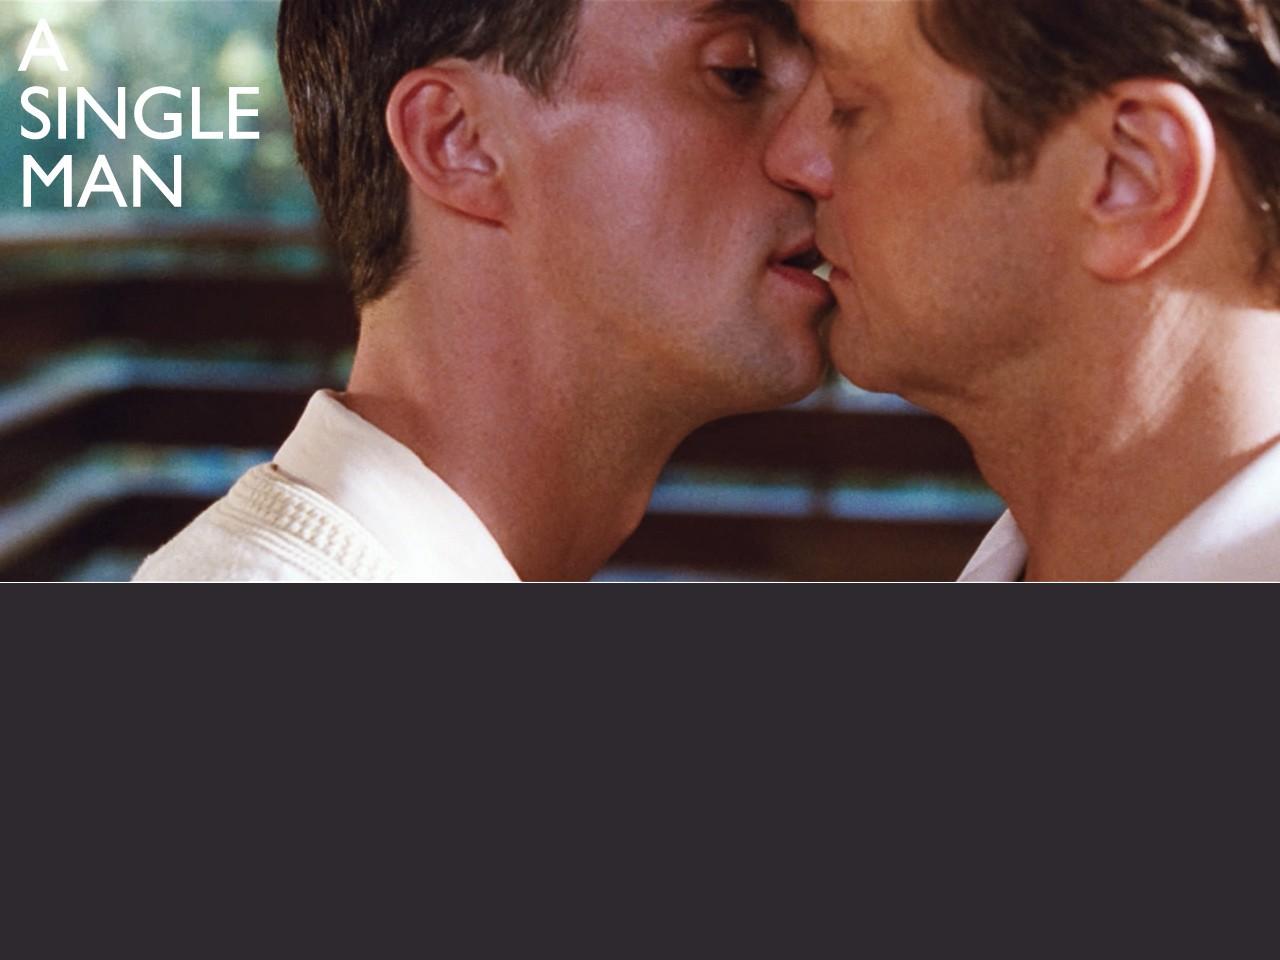 Wallpaper del film A Single Man, con Colin Firth nella scena di un bacio